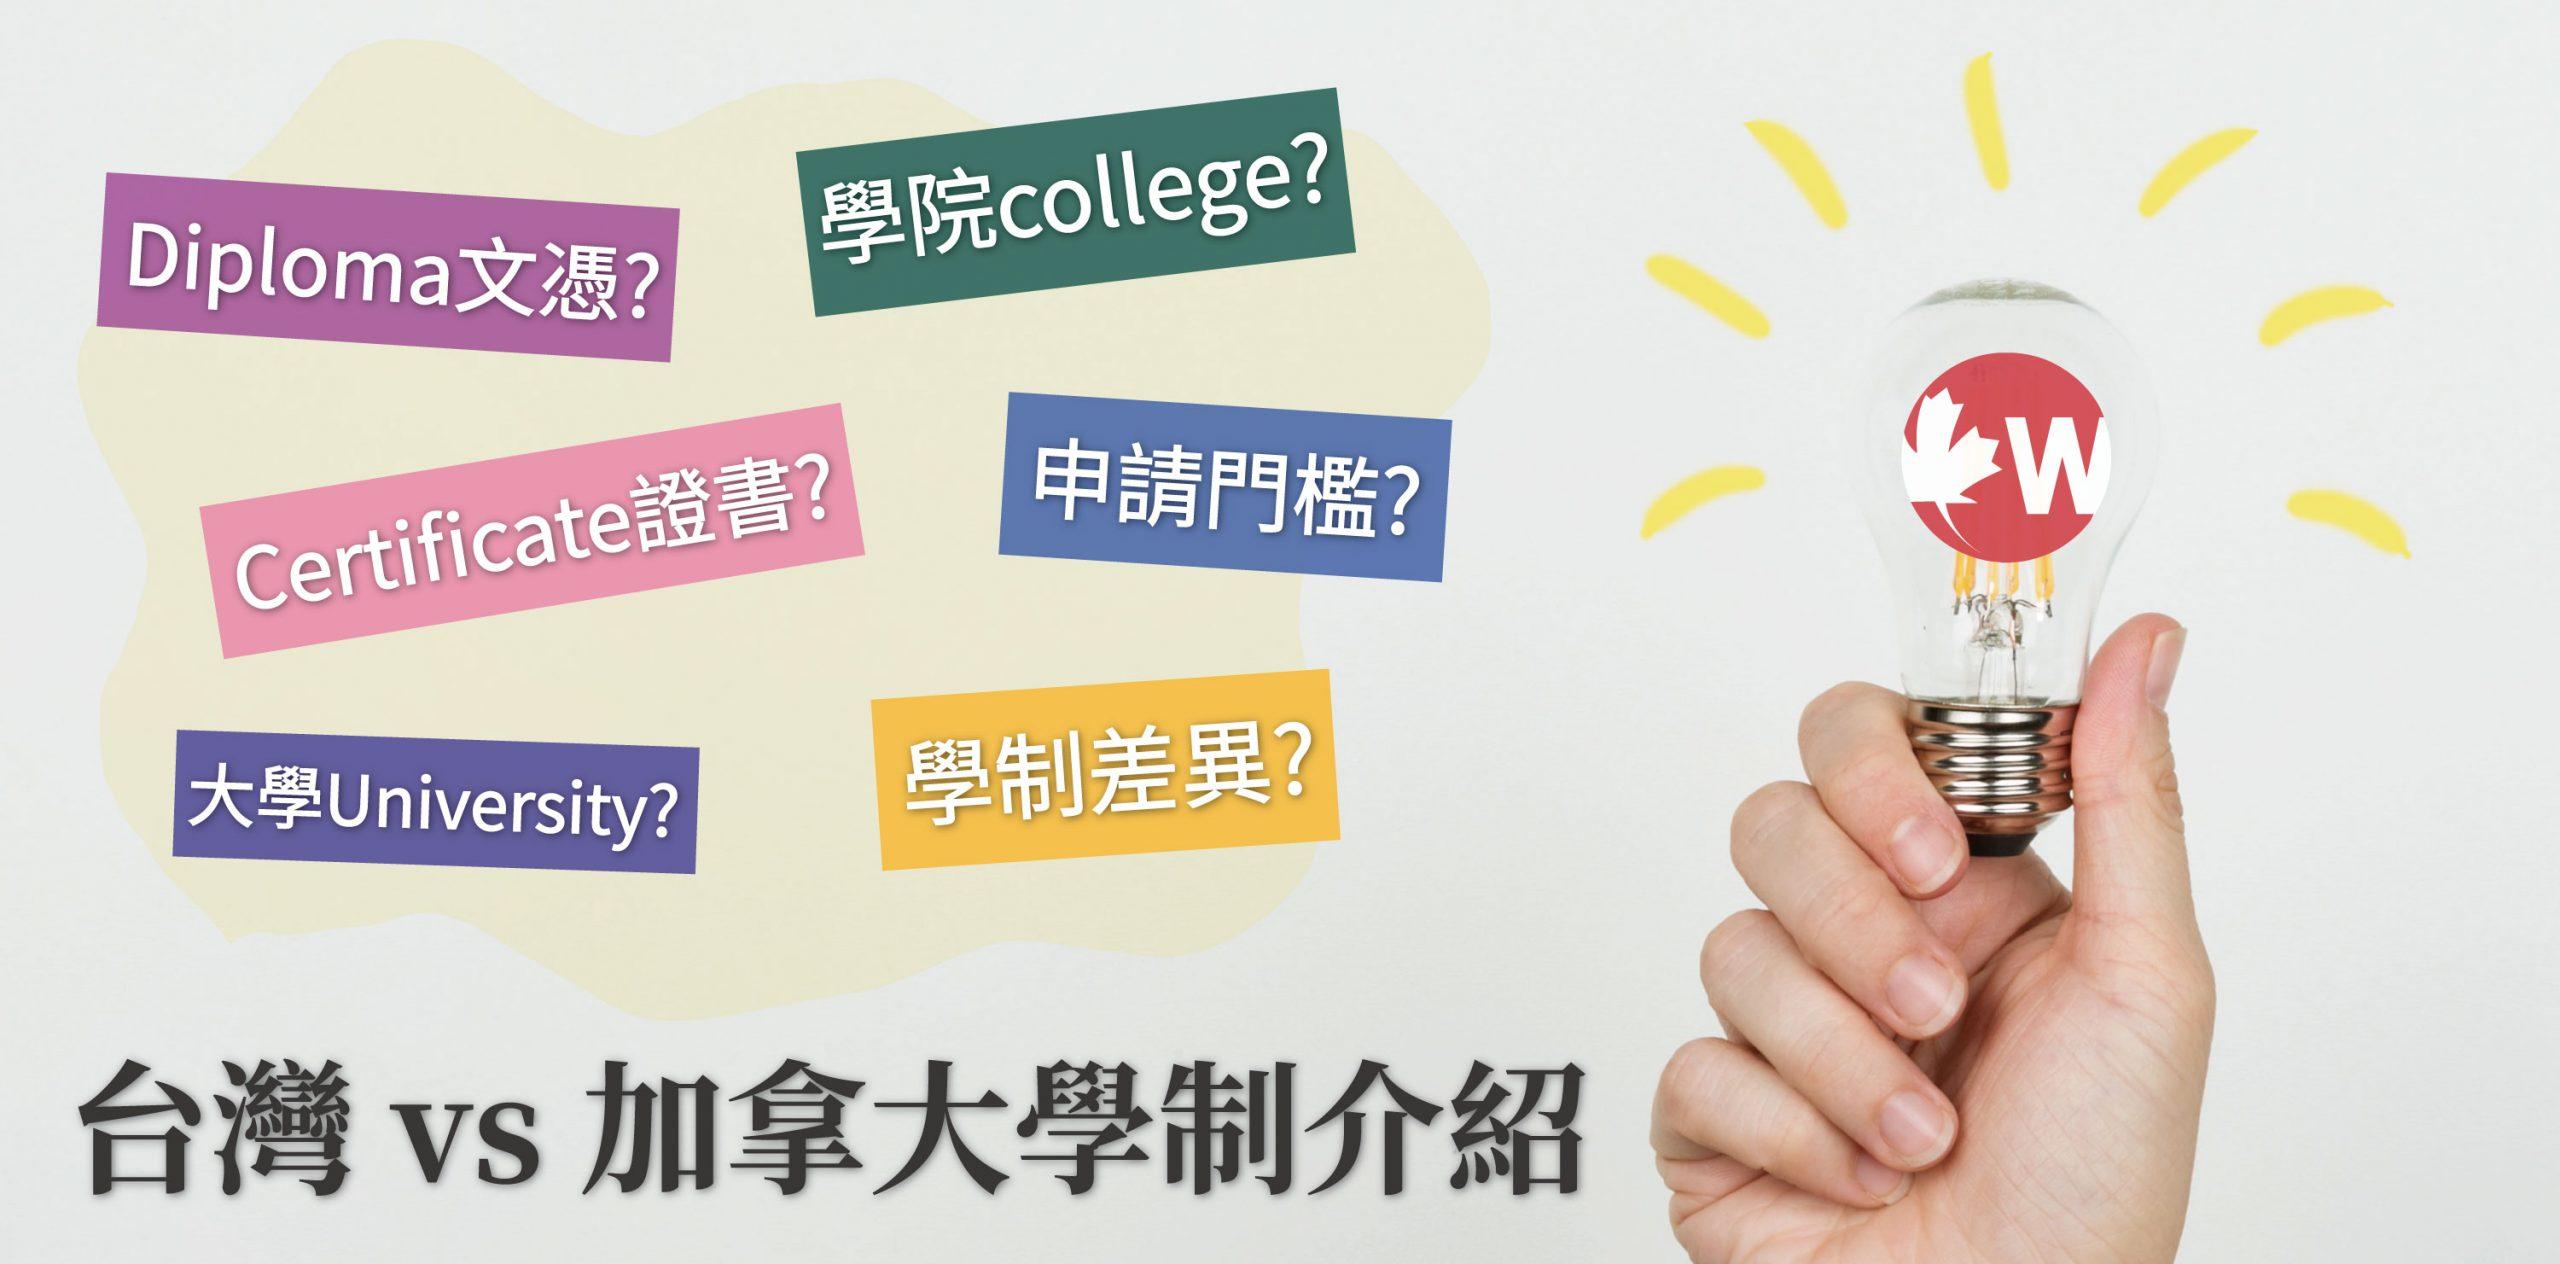 【台灣 vs 加拿大學制介紹】